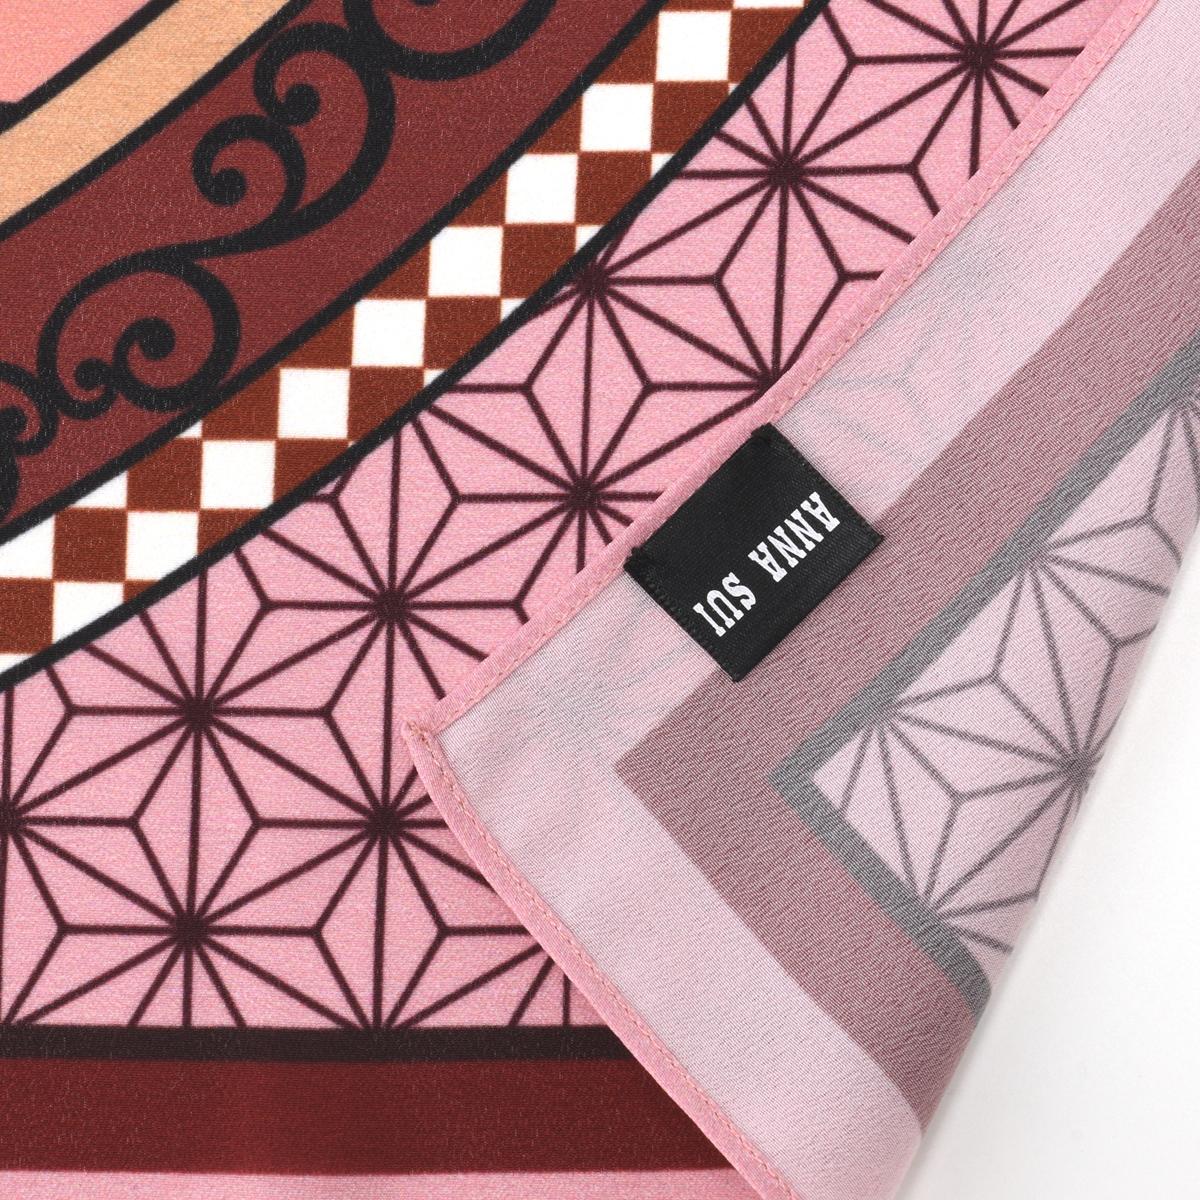 鬼滅之刃 X Anna Sui聯名 圍巾